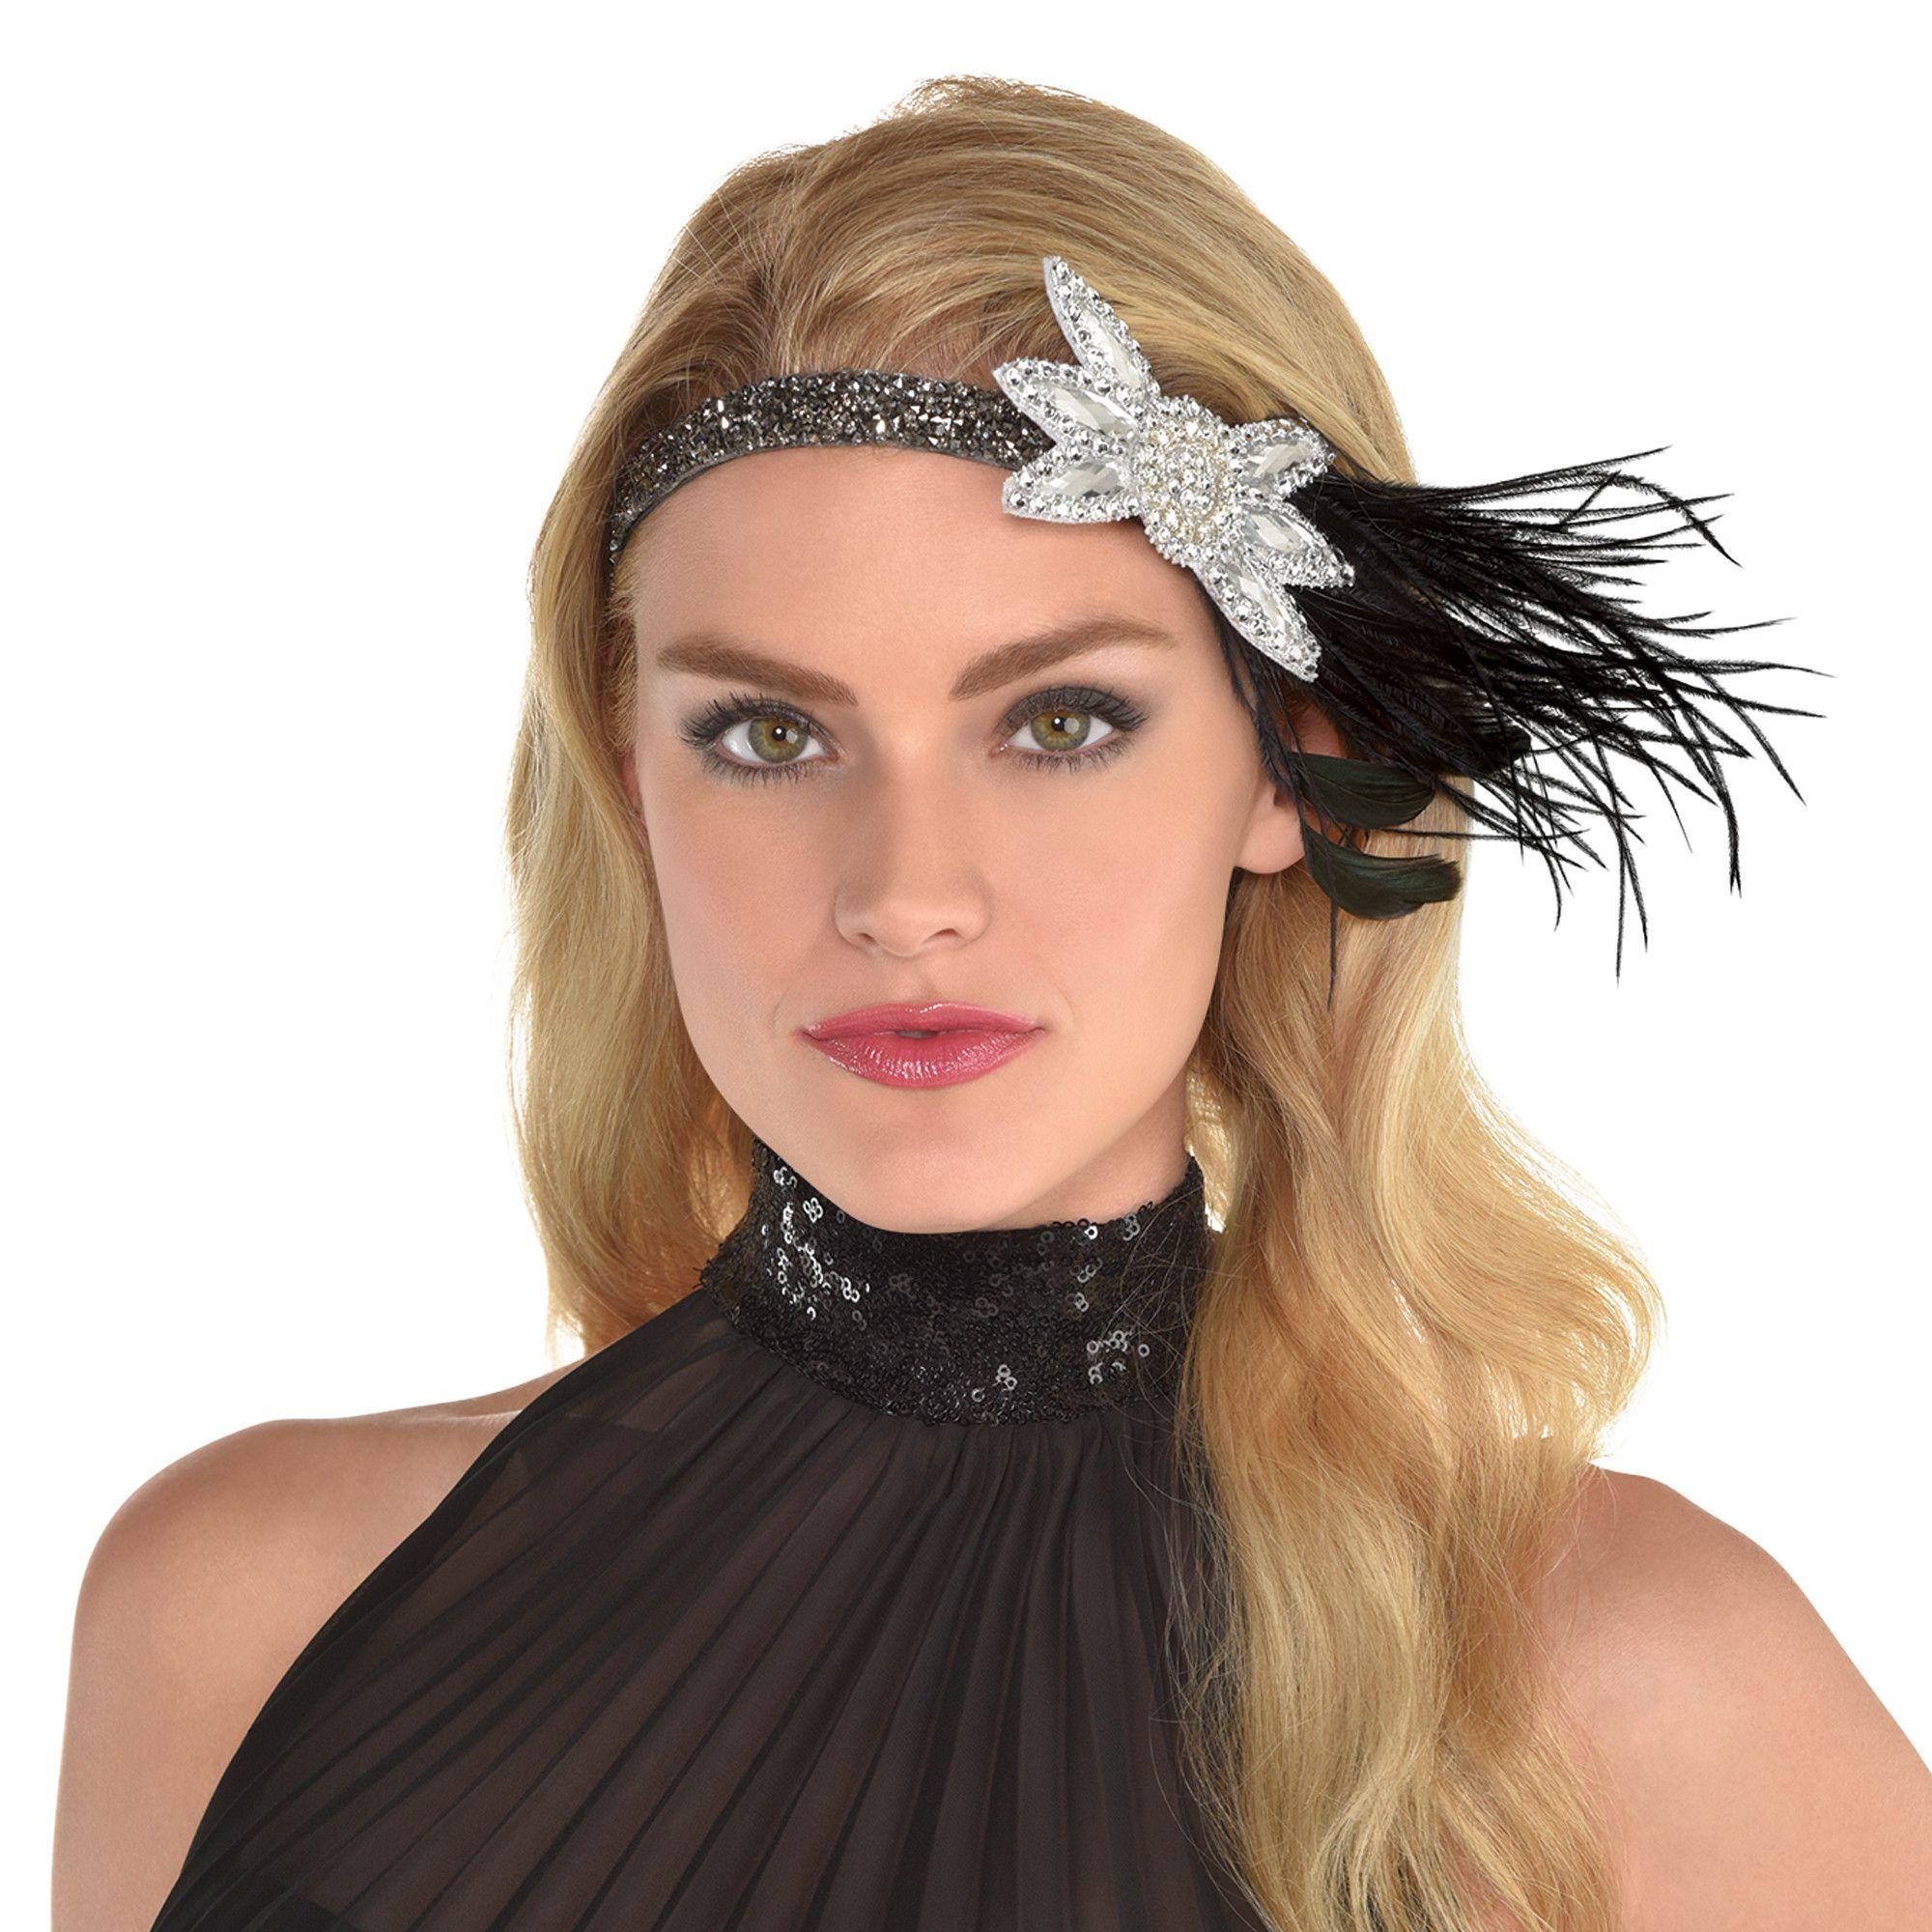 Glitzy Feathered Headband